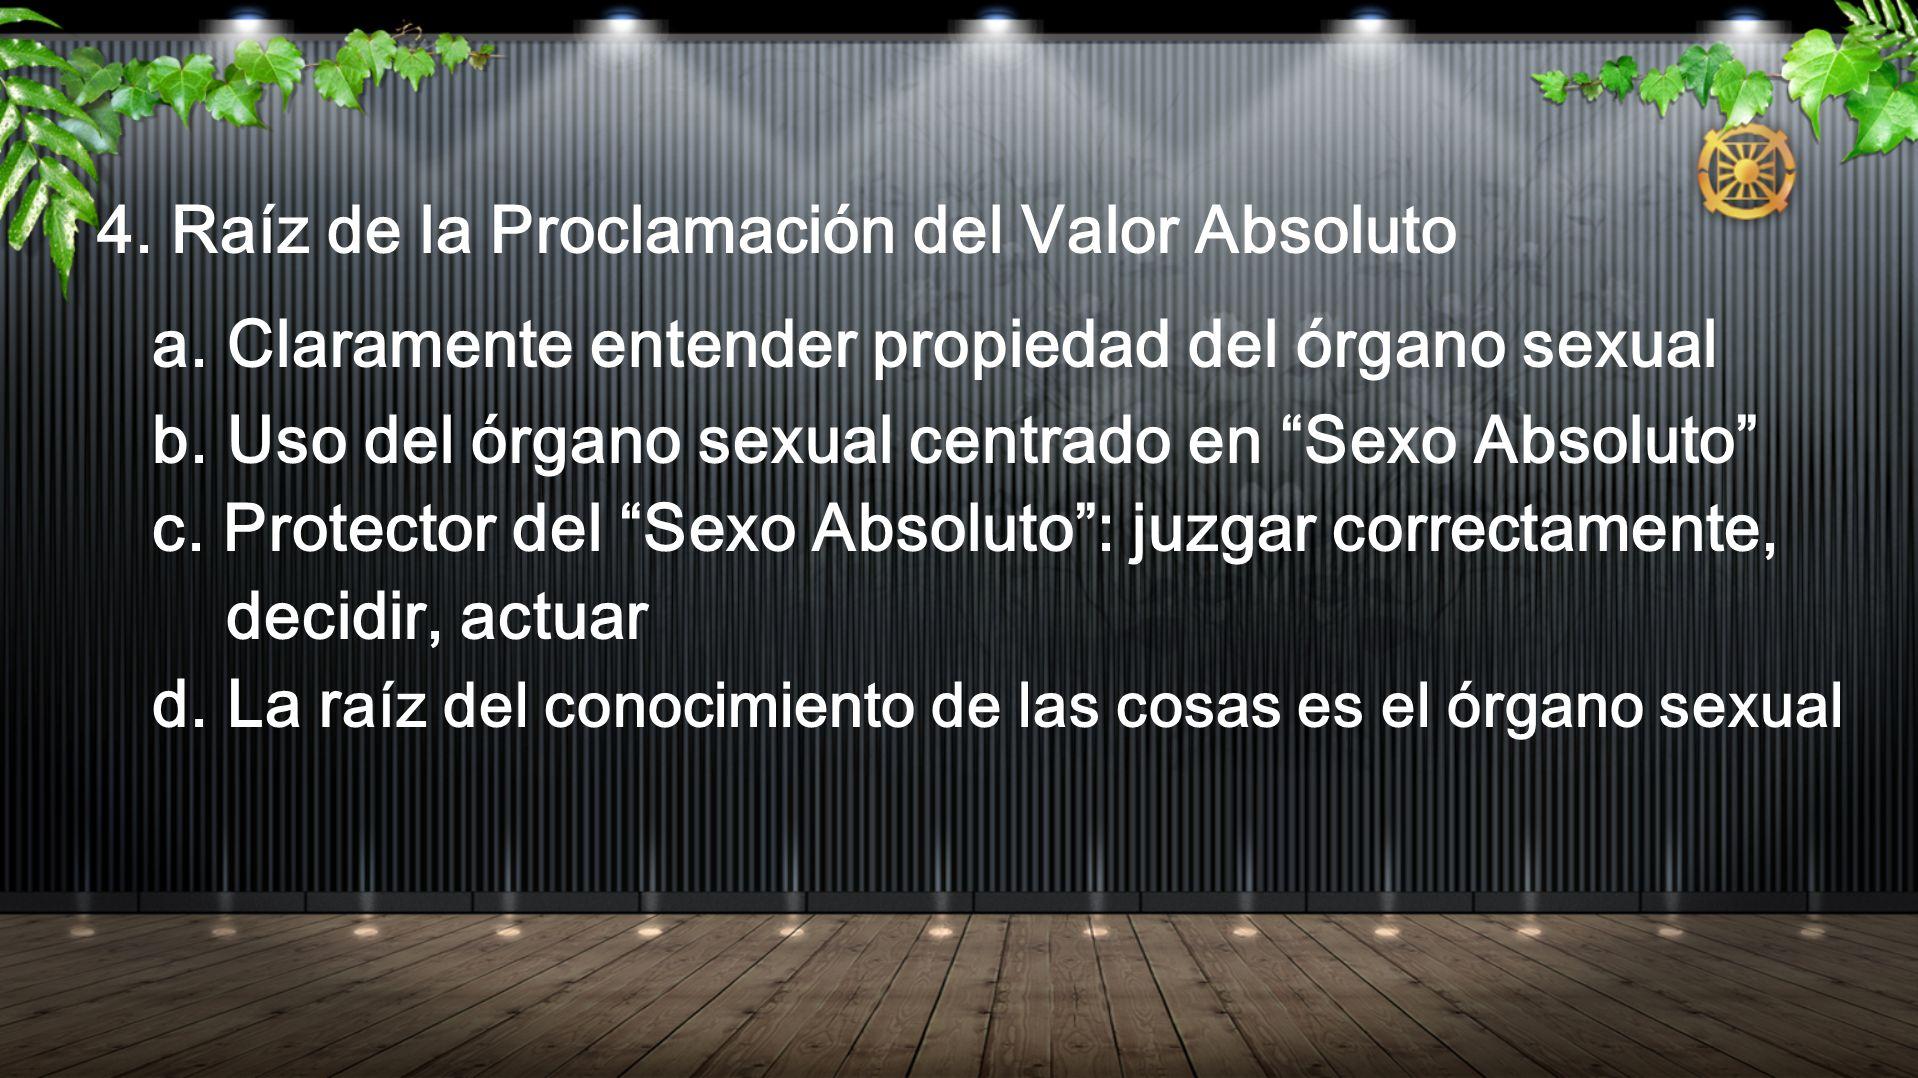 4. Raíz de la Proclamación del Valor Absoluto